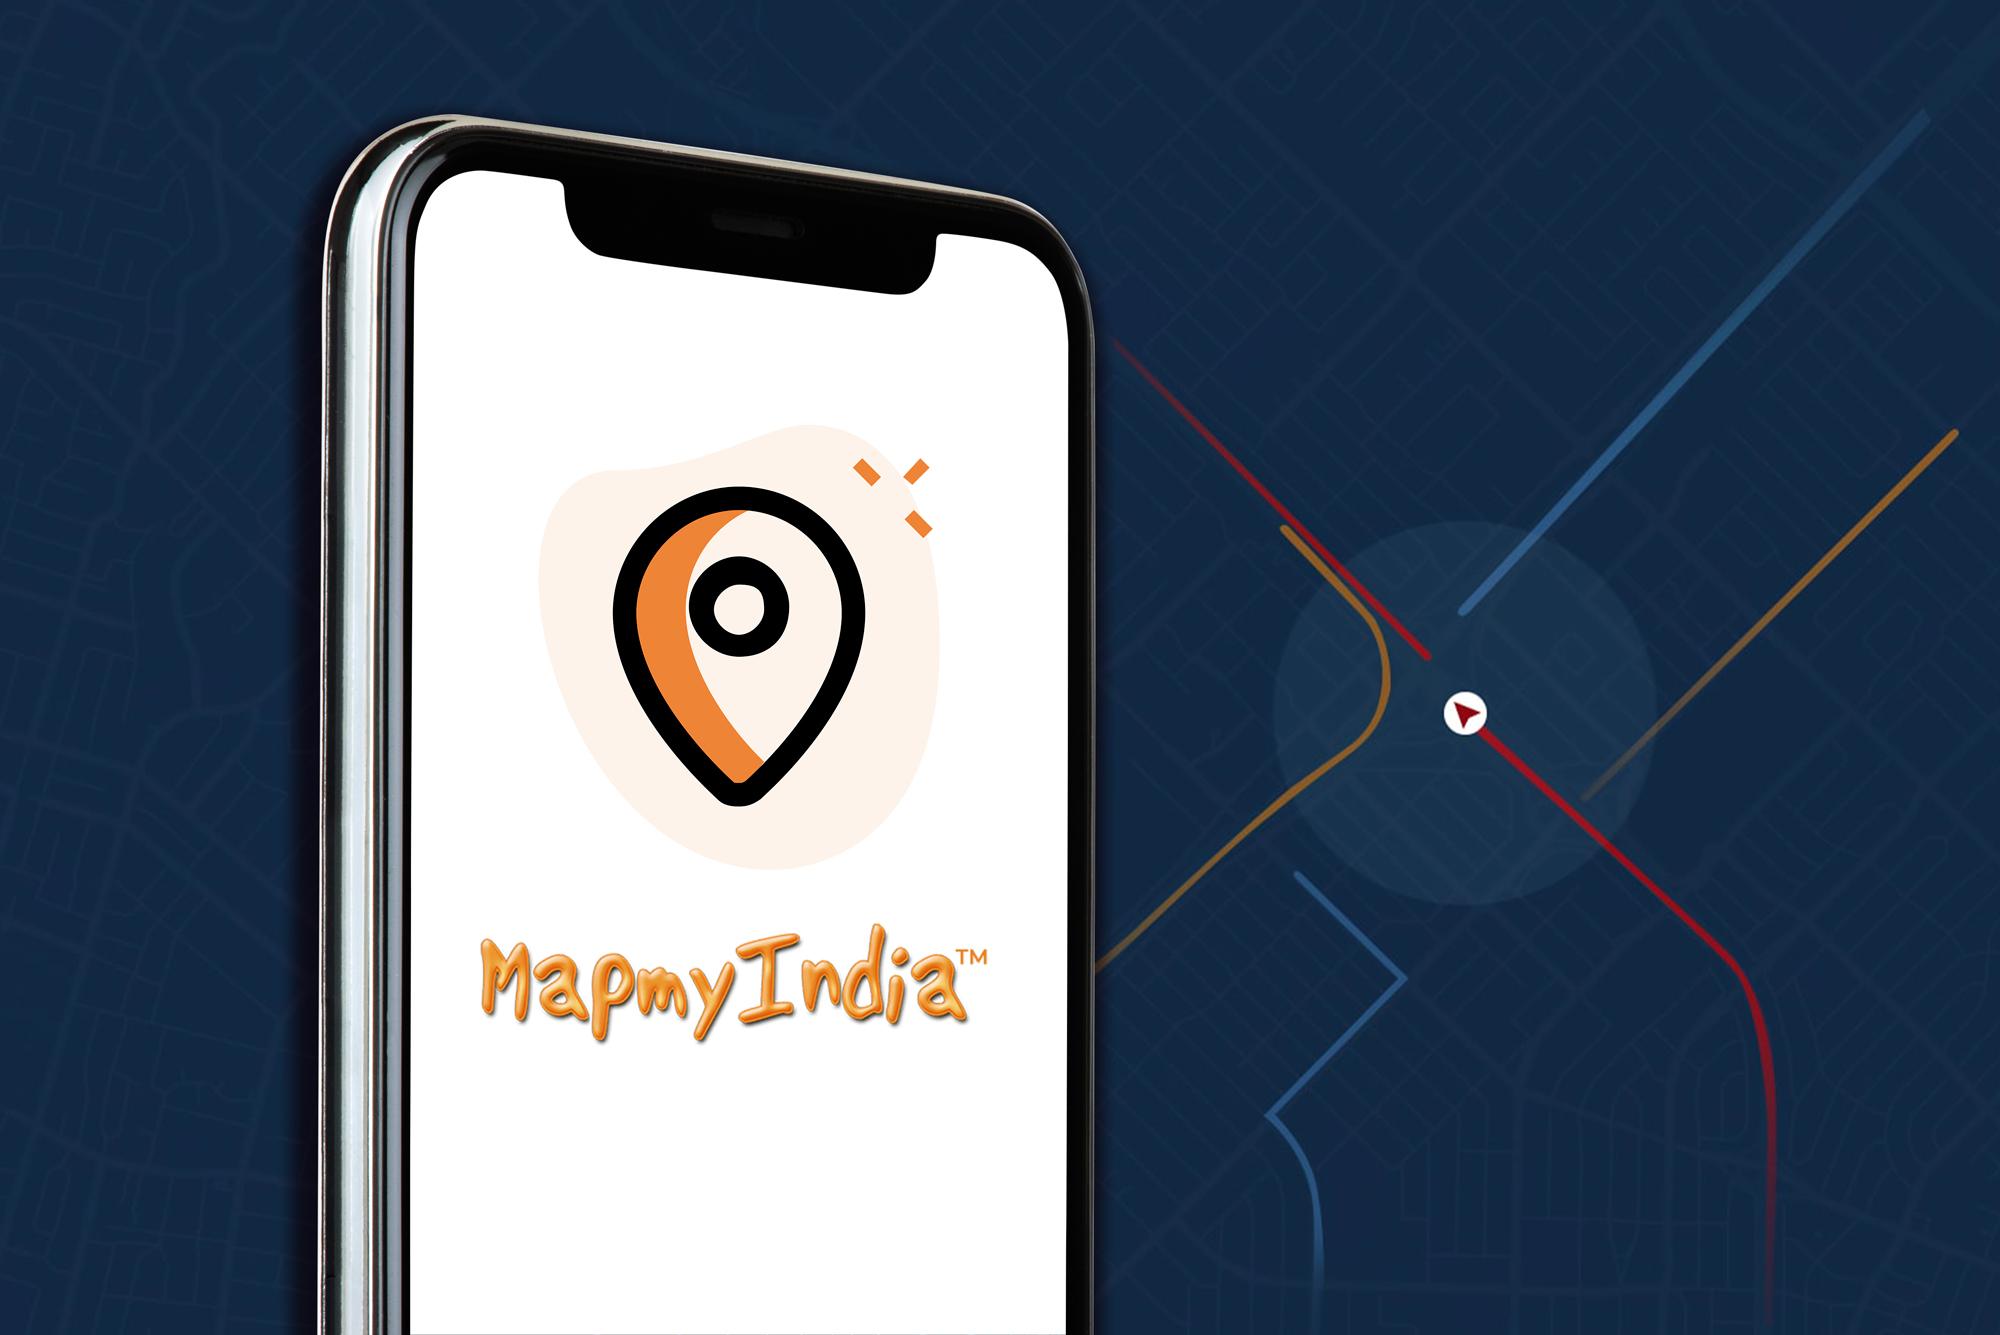 MapMyIndia logo displayed on a smartphone